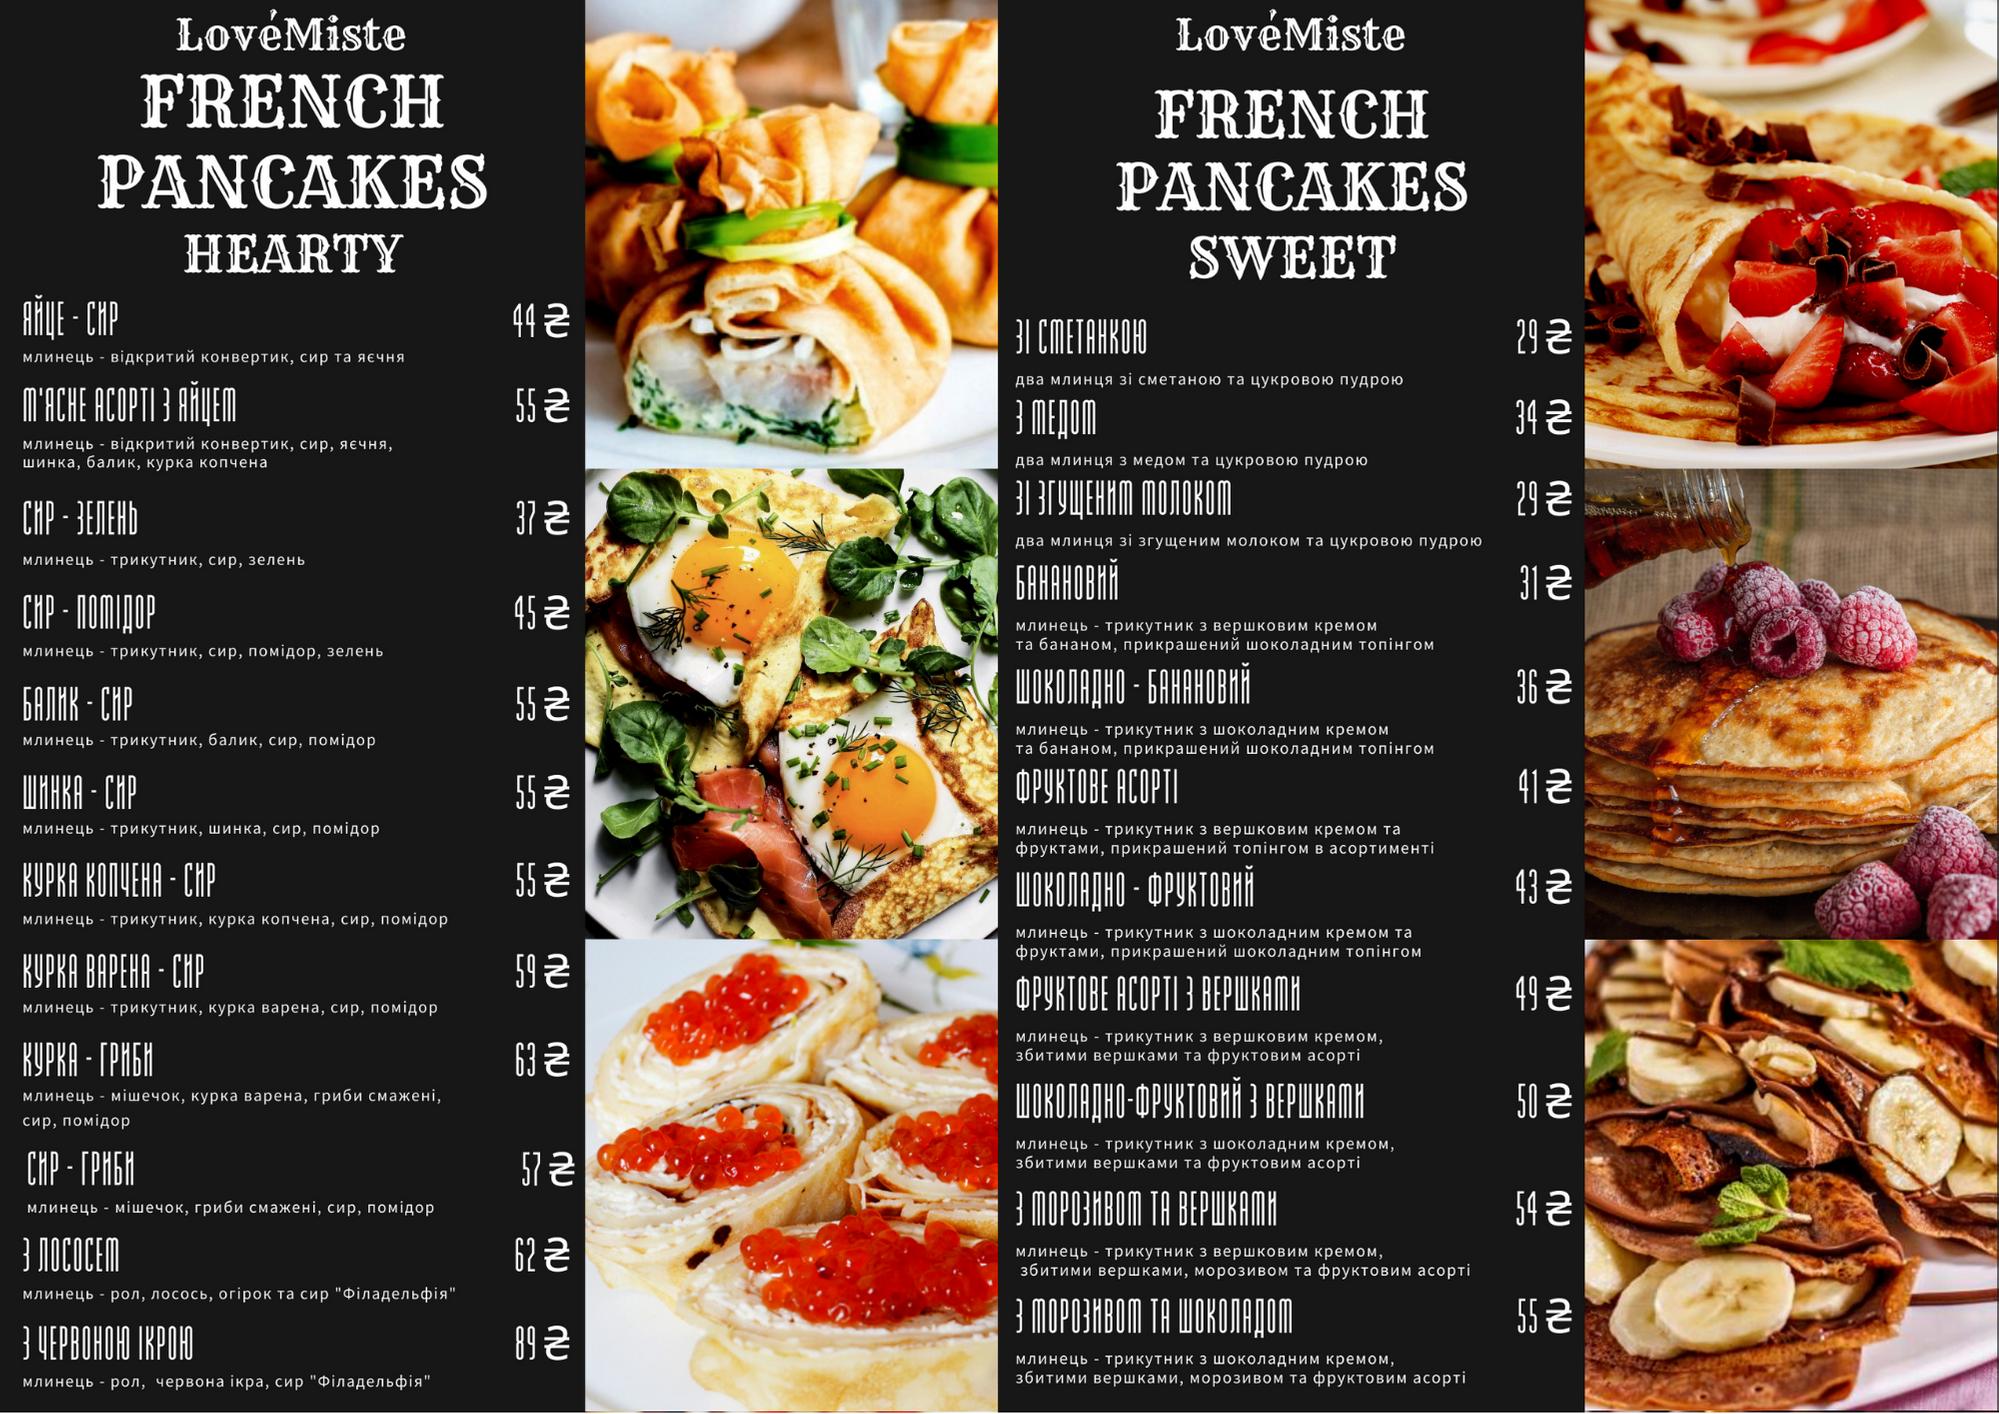 Фото Разработка дизайна меню для кафе-бара